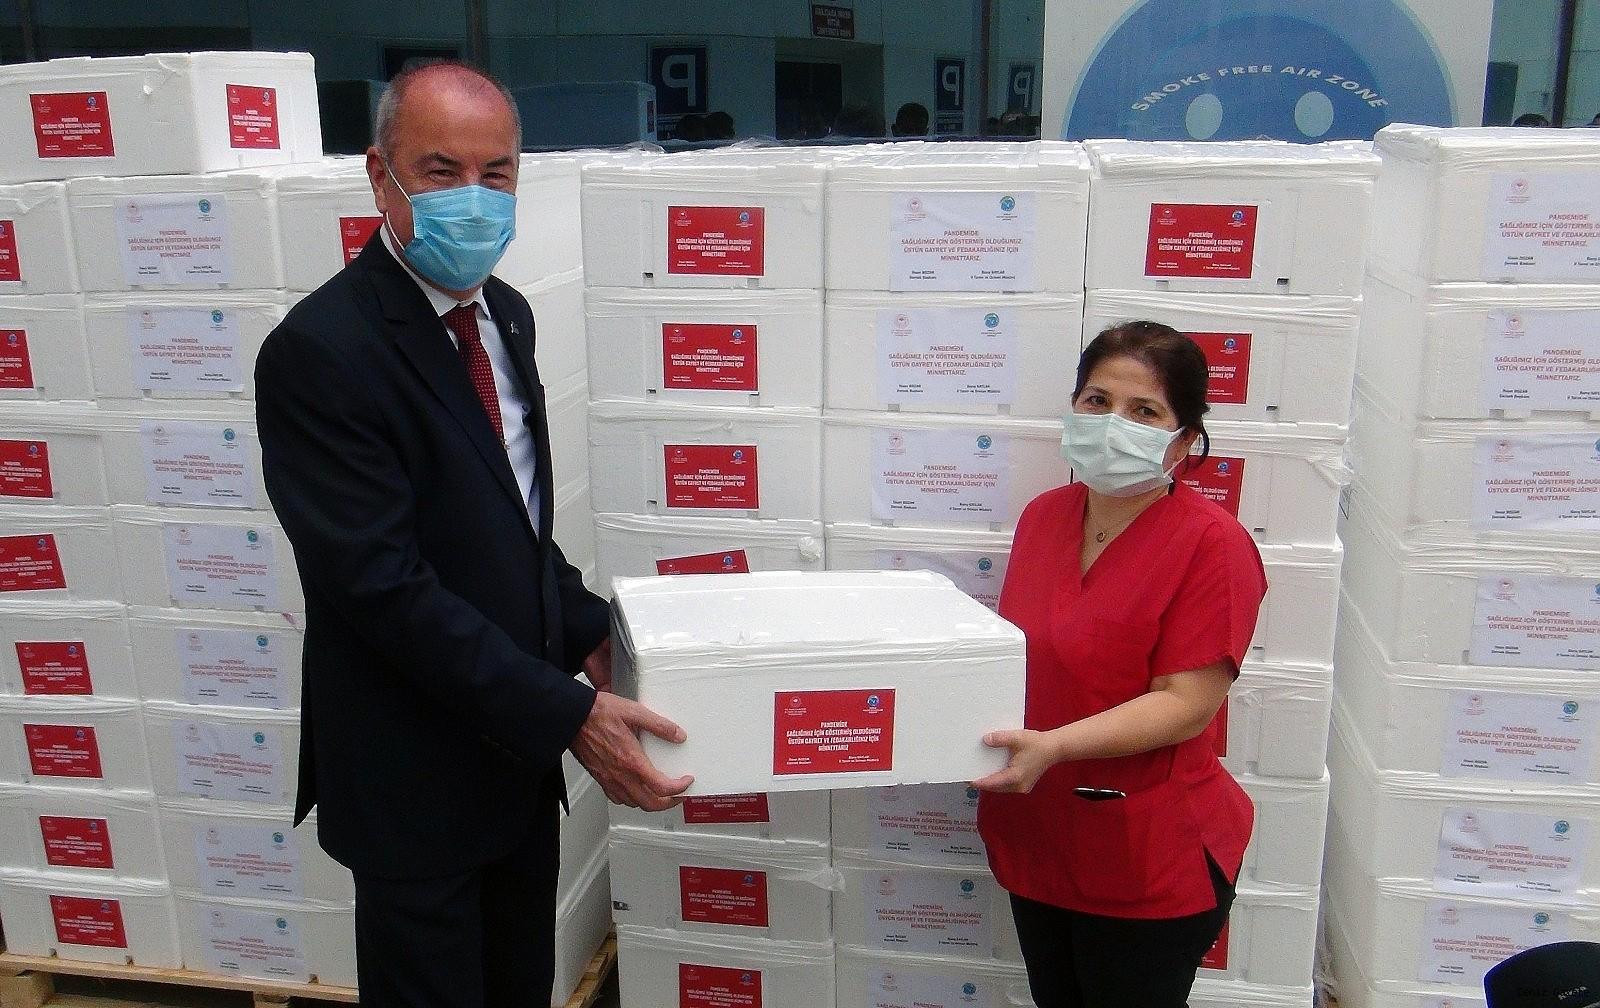 pandemi-savascilarina-20-ton-balik-20210505aw31-4.jpg